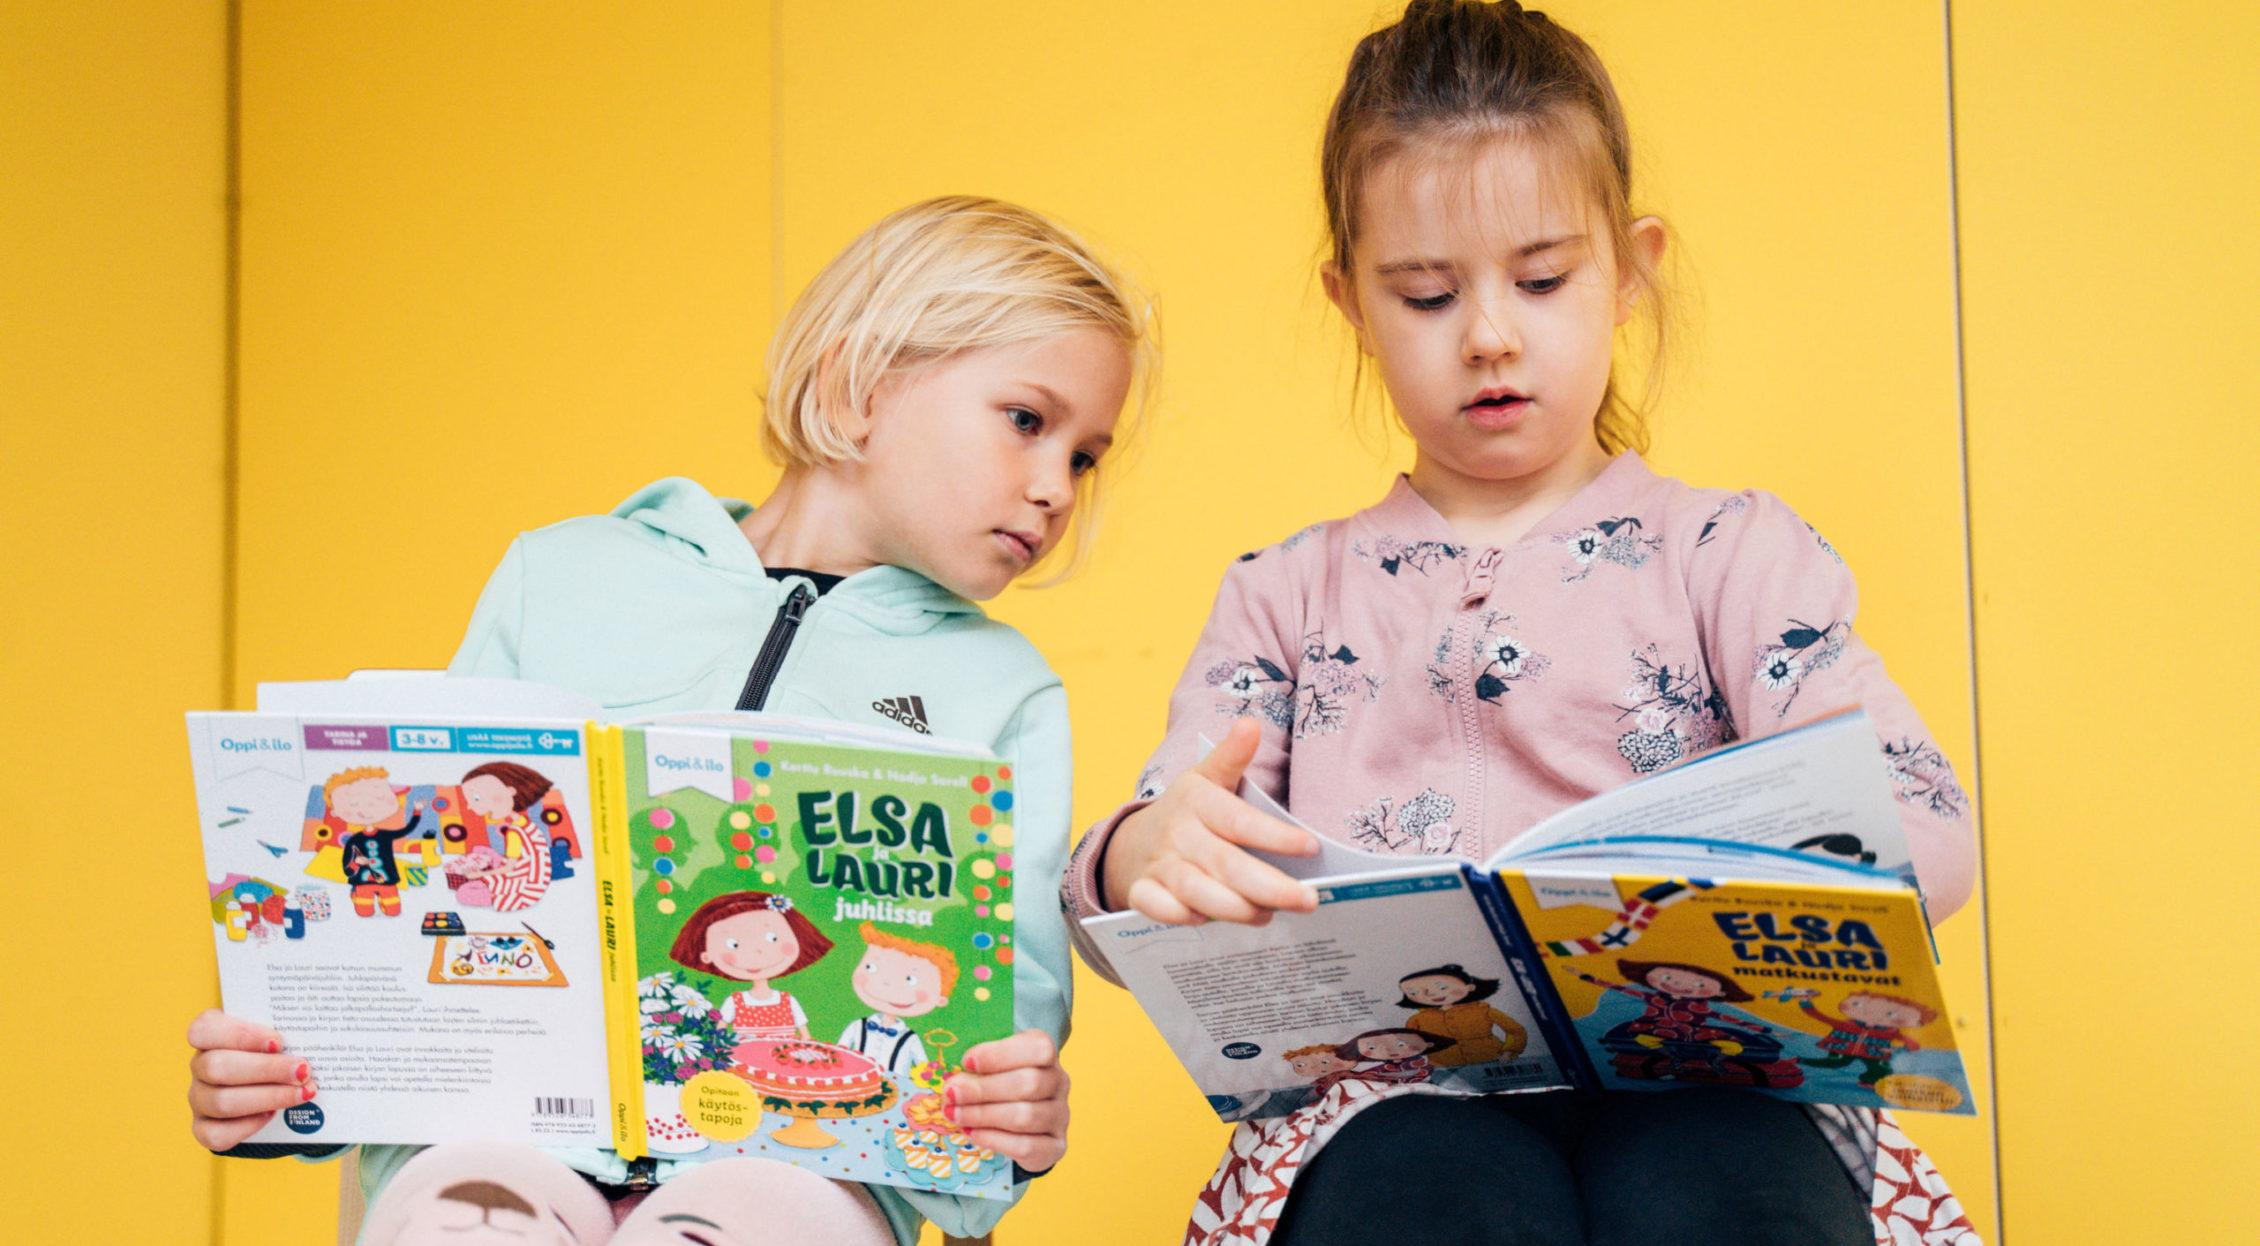 Lapset lukevat kirjoja.